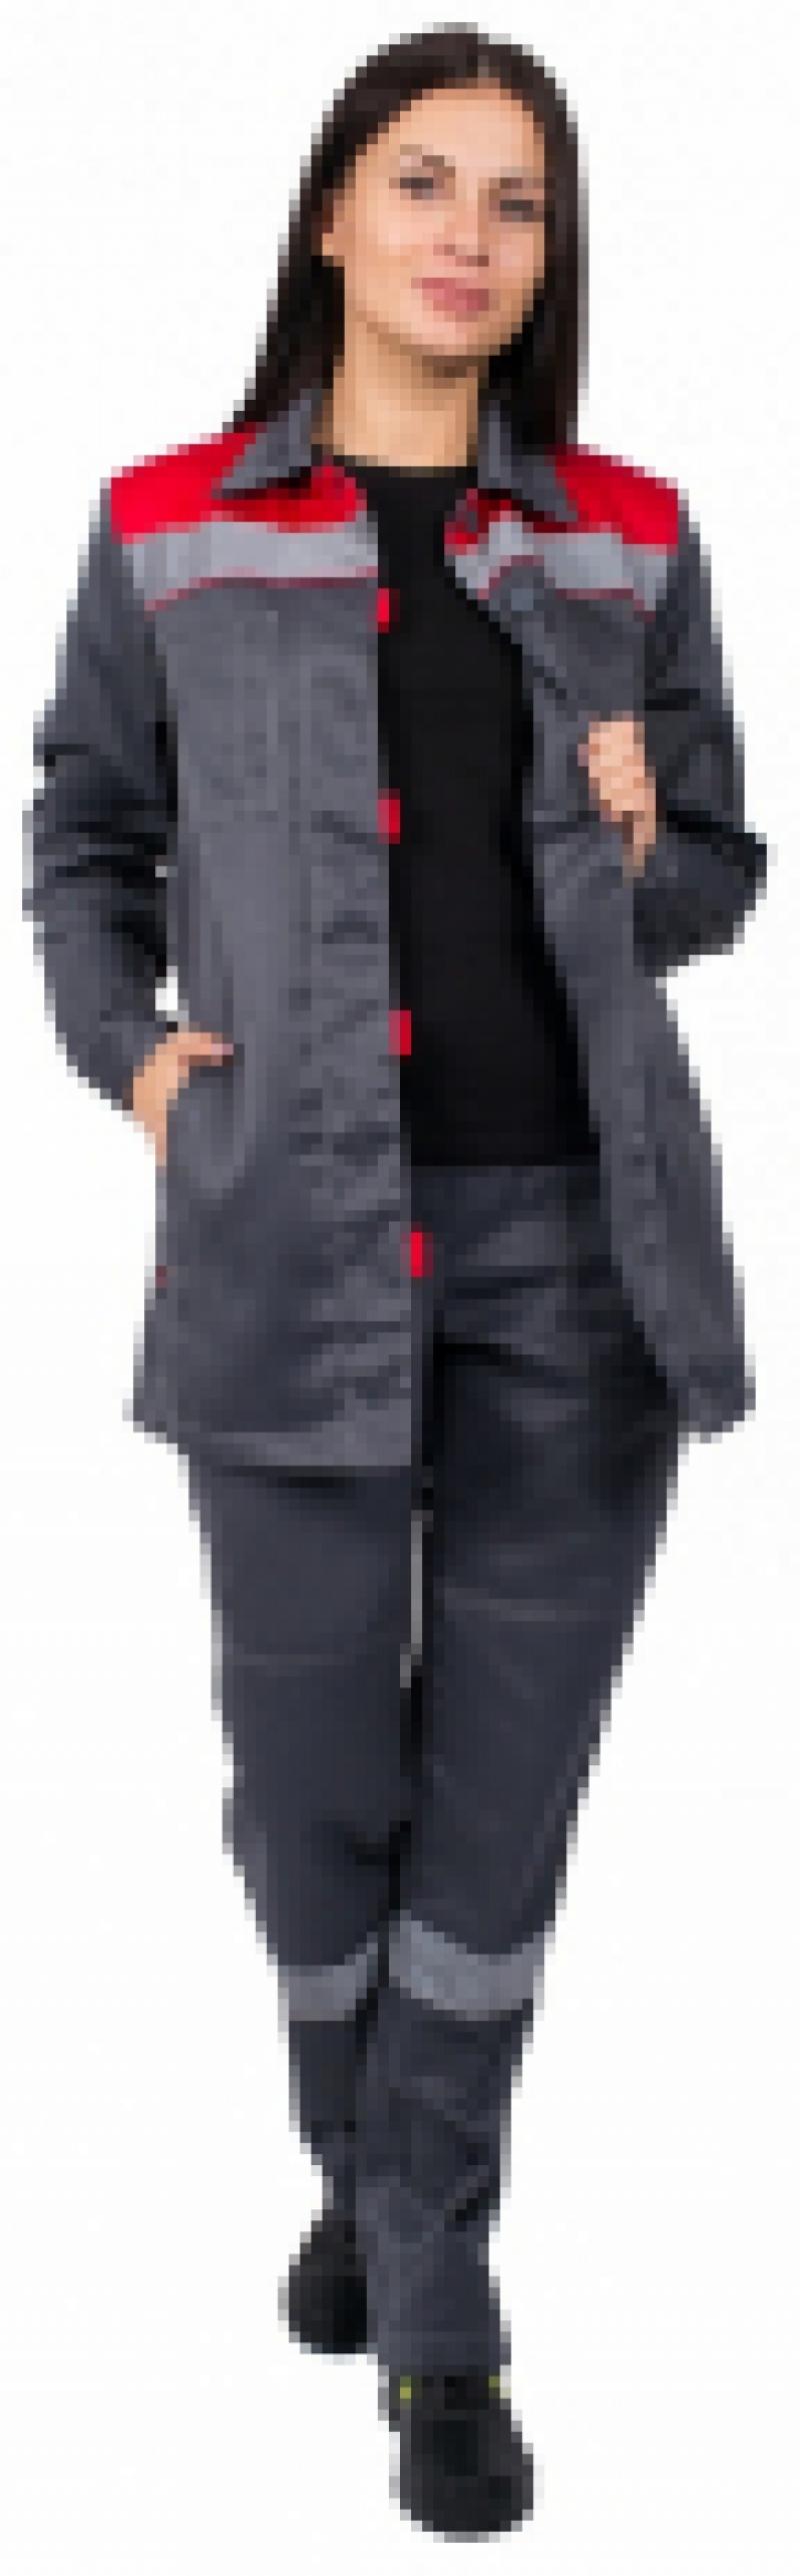 Костюм женский Весна-1 СОП NEW (тк.Смесовая,210) брюки, cерый с красным.